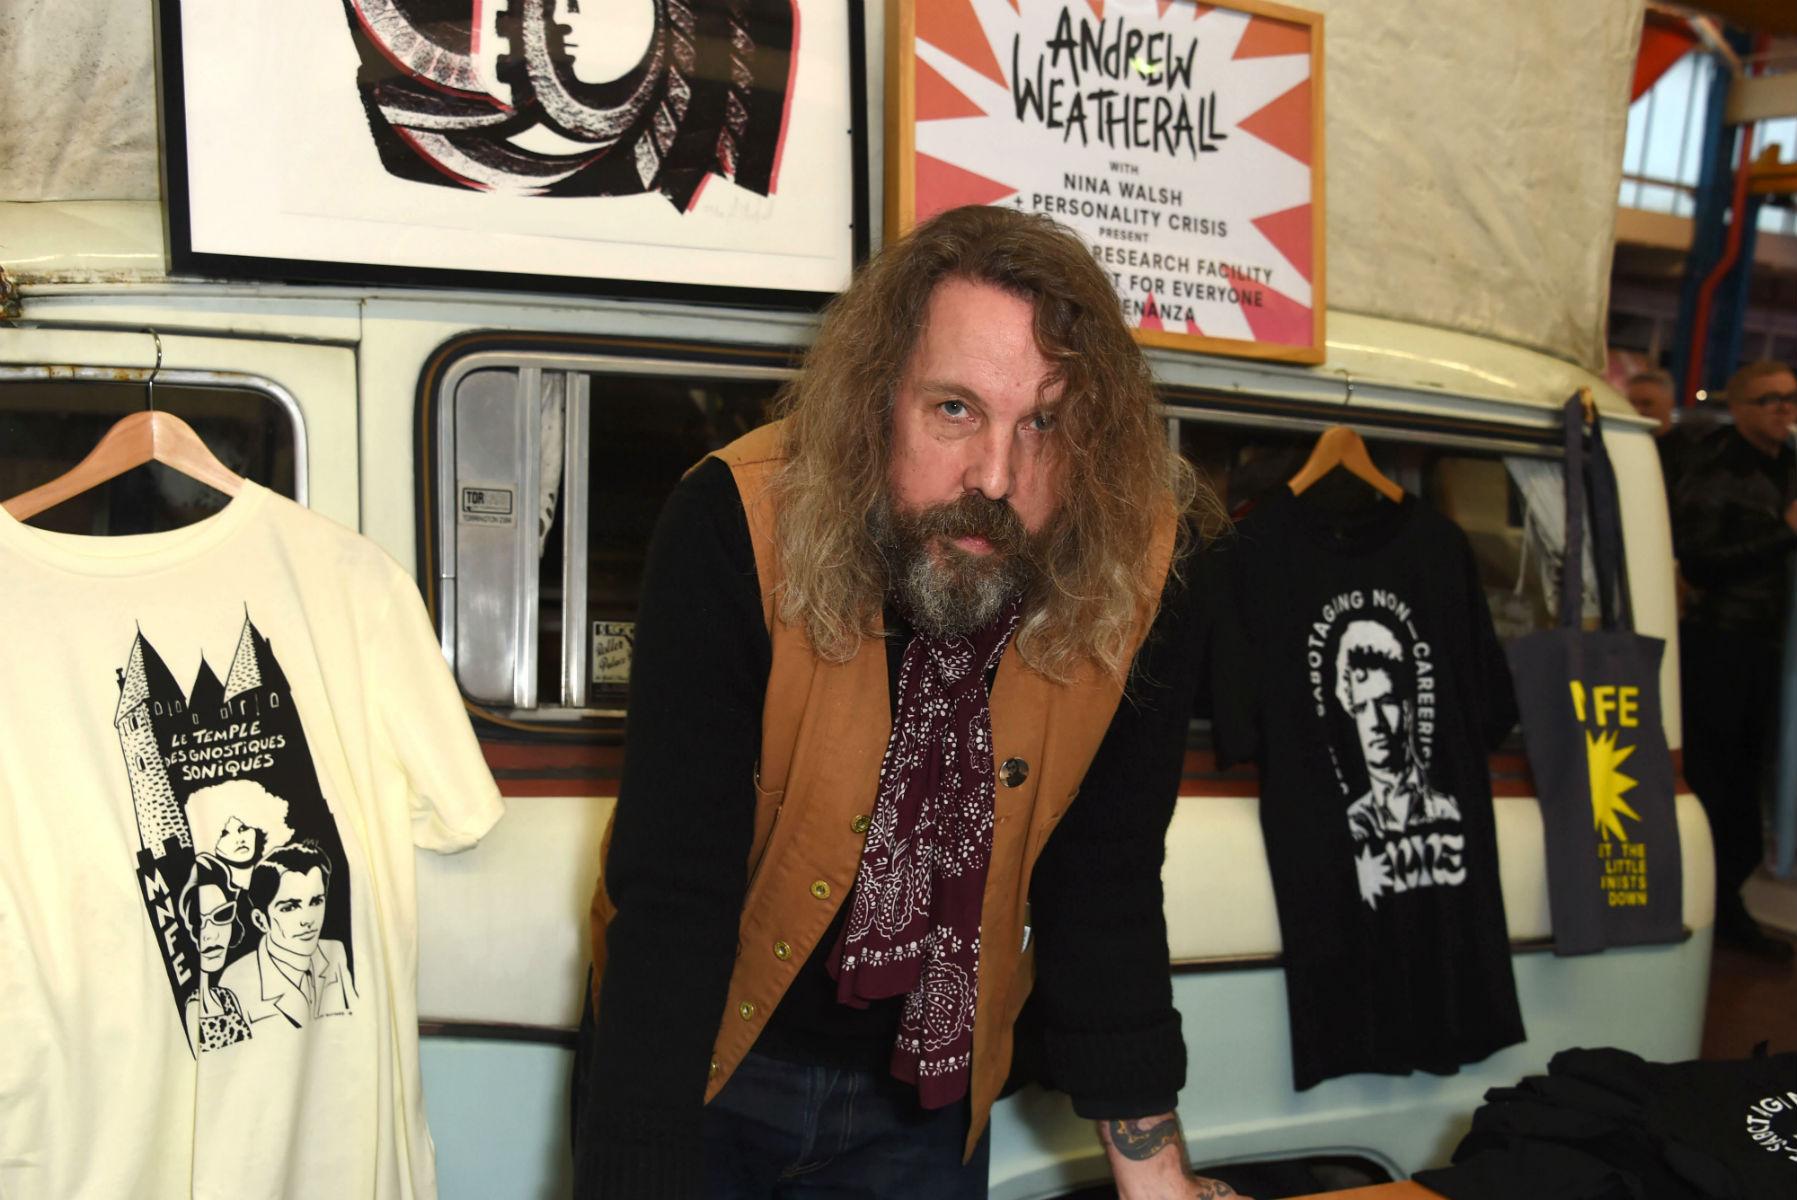 Odszedł Andrew Weatherall – cichy bohater klubowej rewolucji